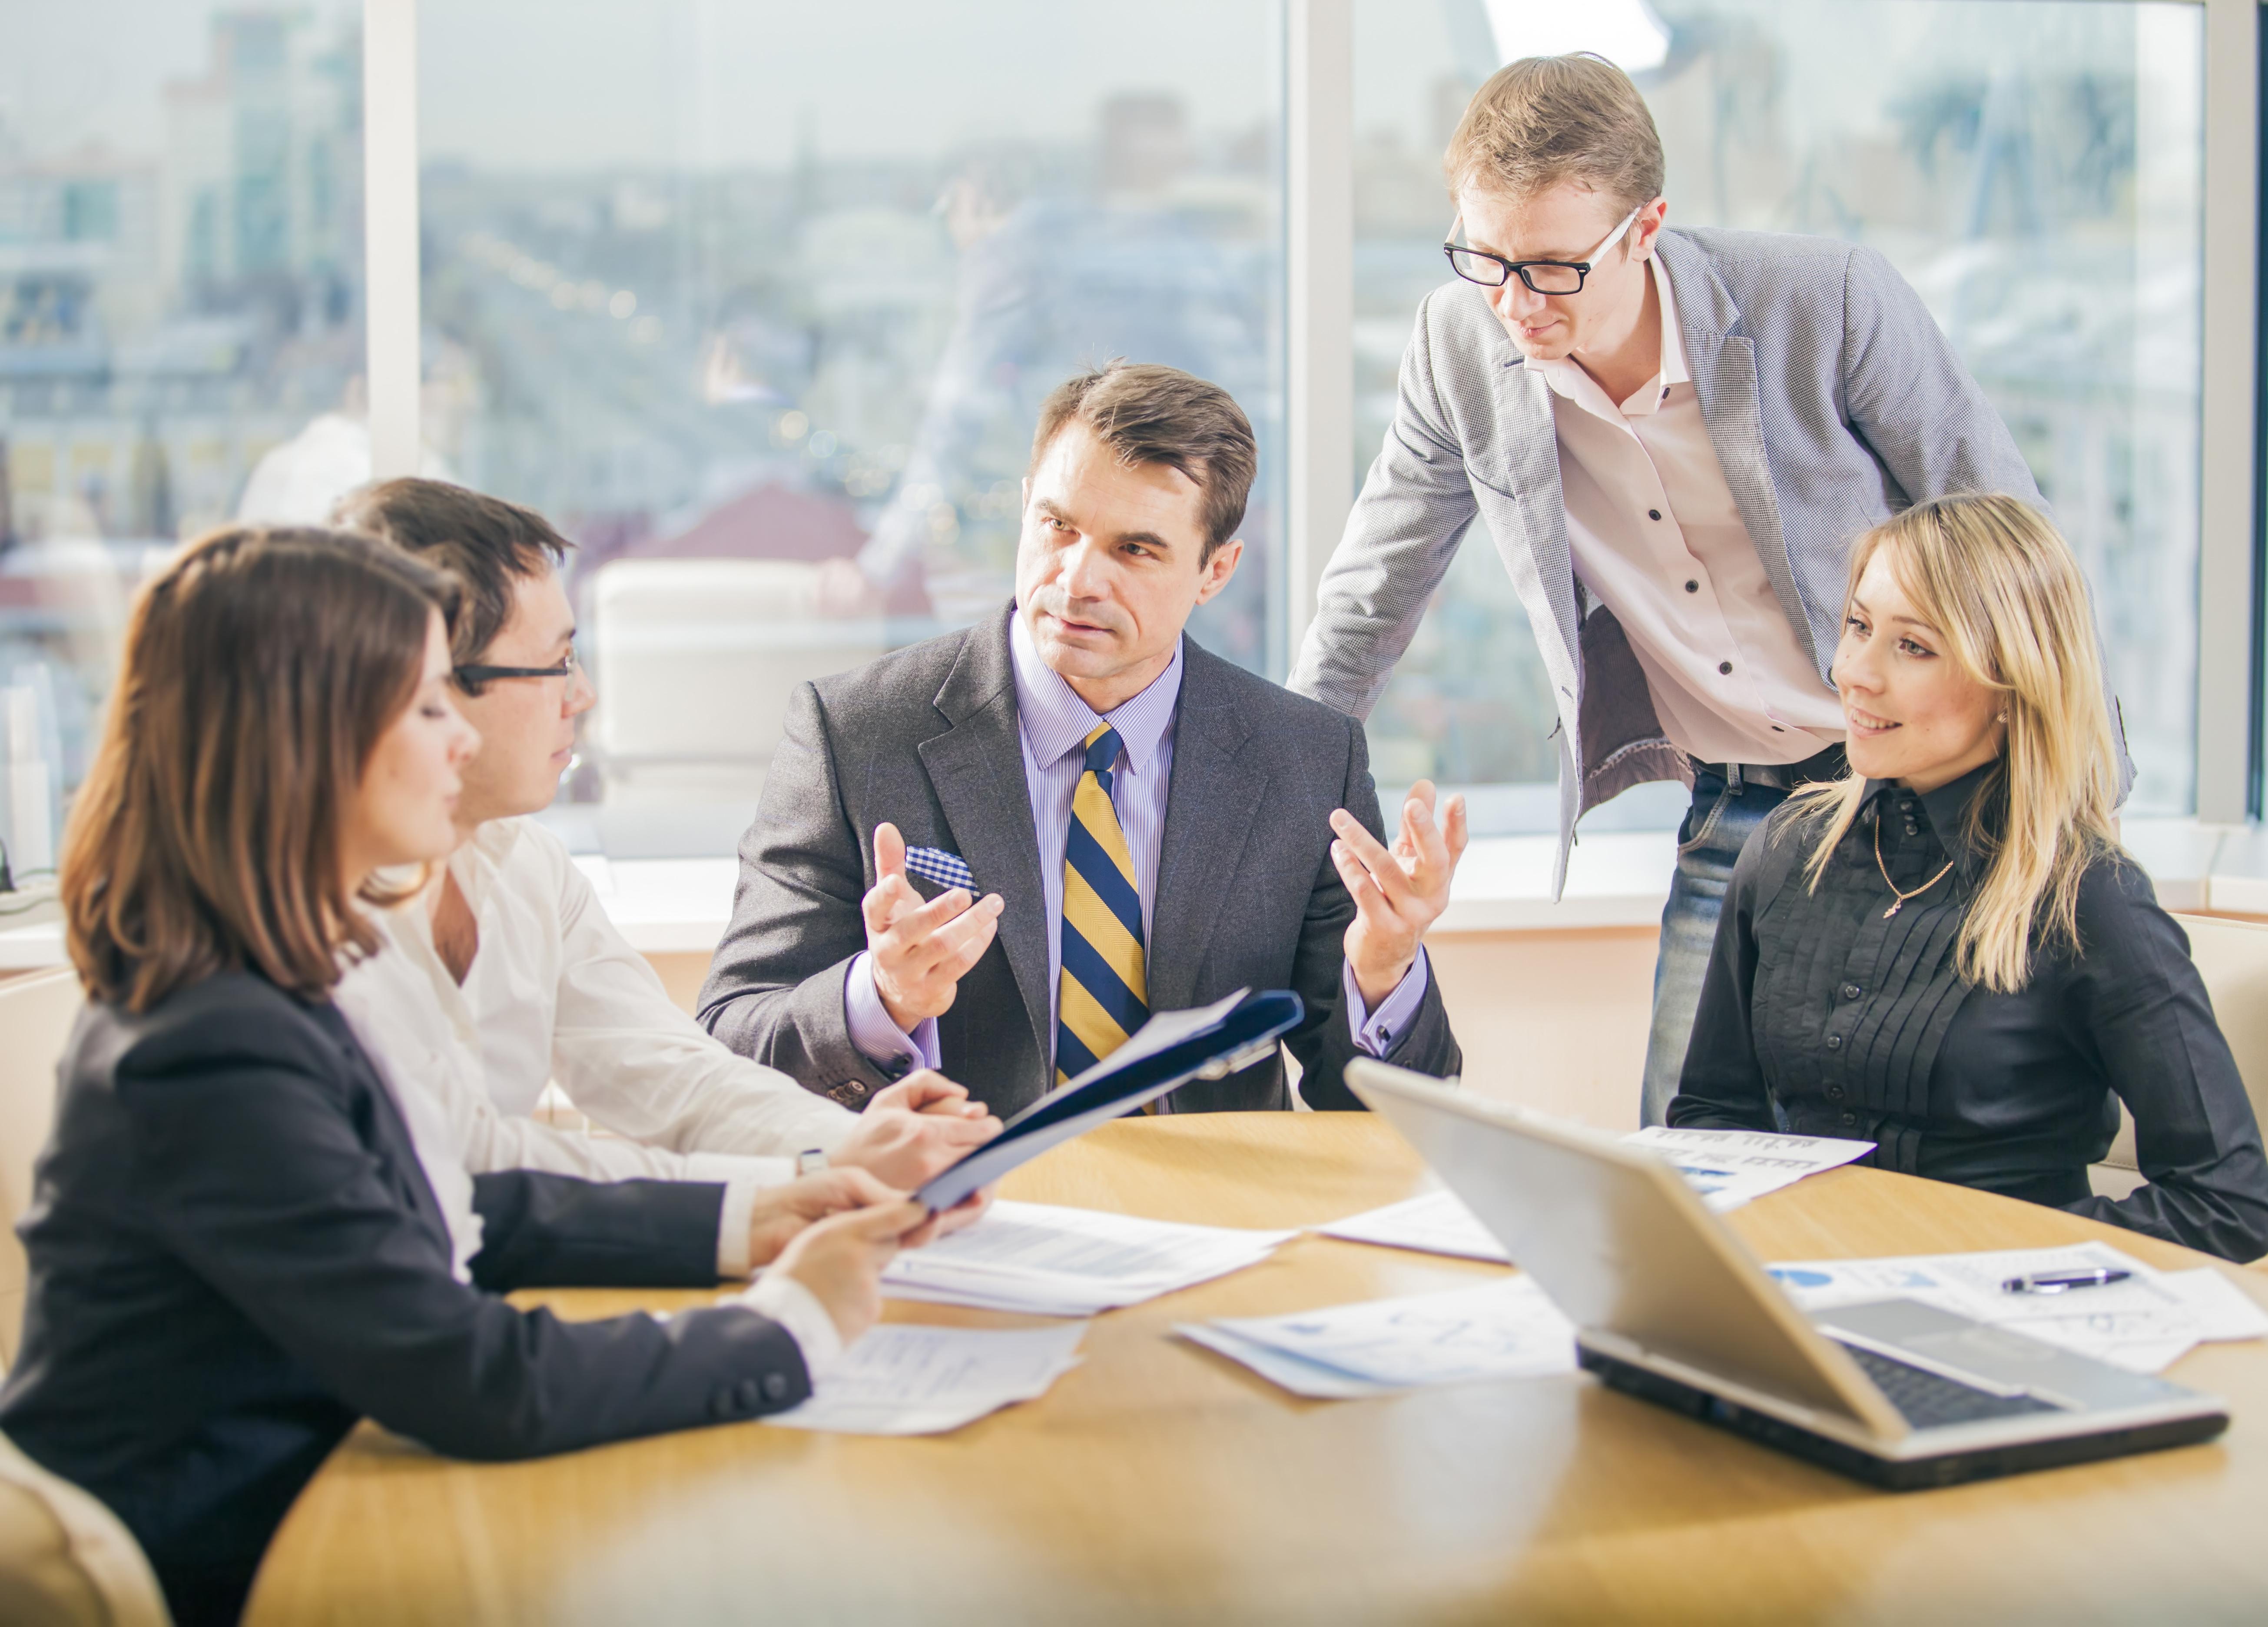 Booster la créativité d'équipes projets grâce au design thinking